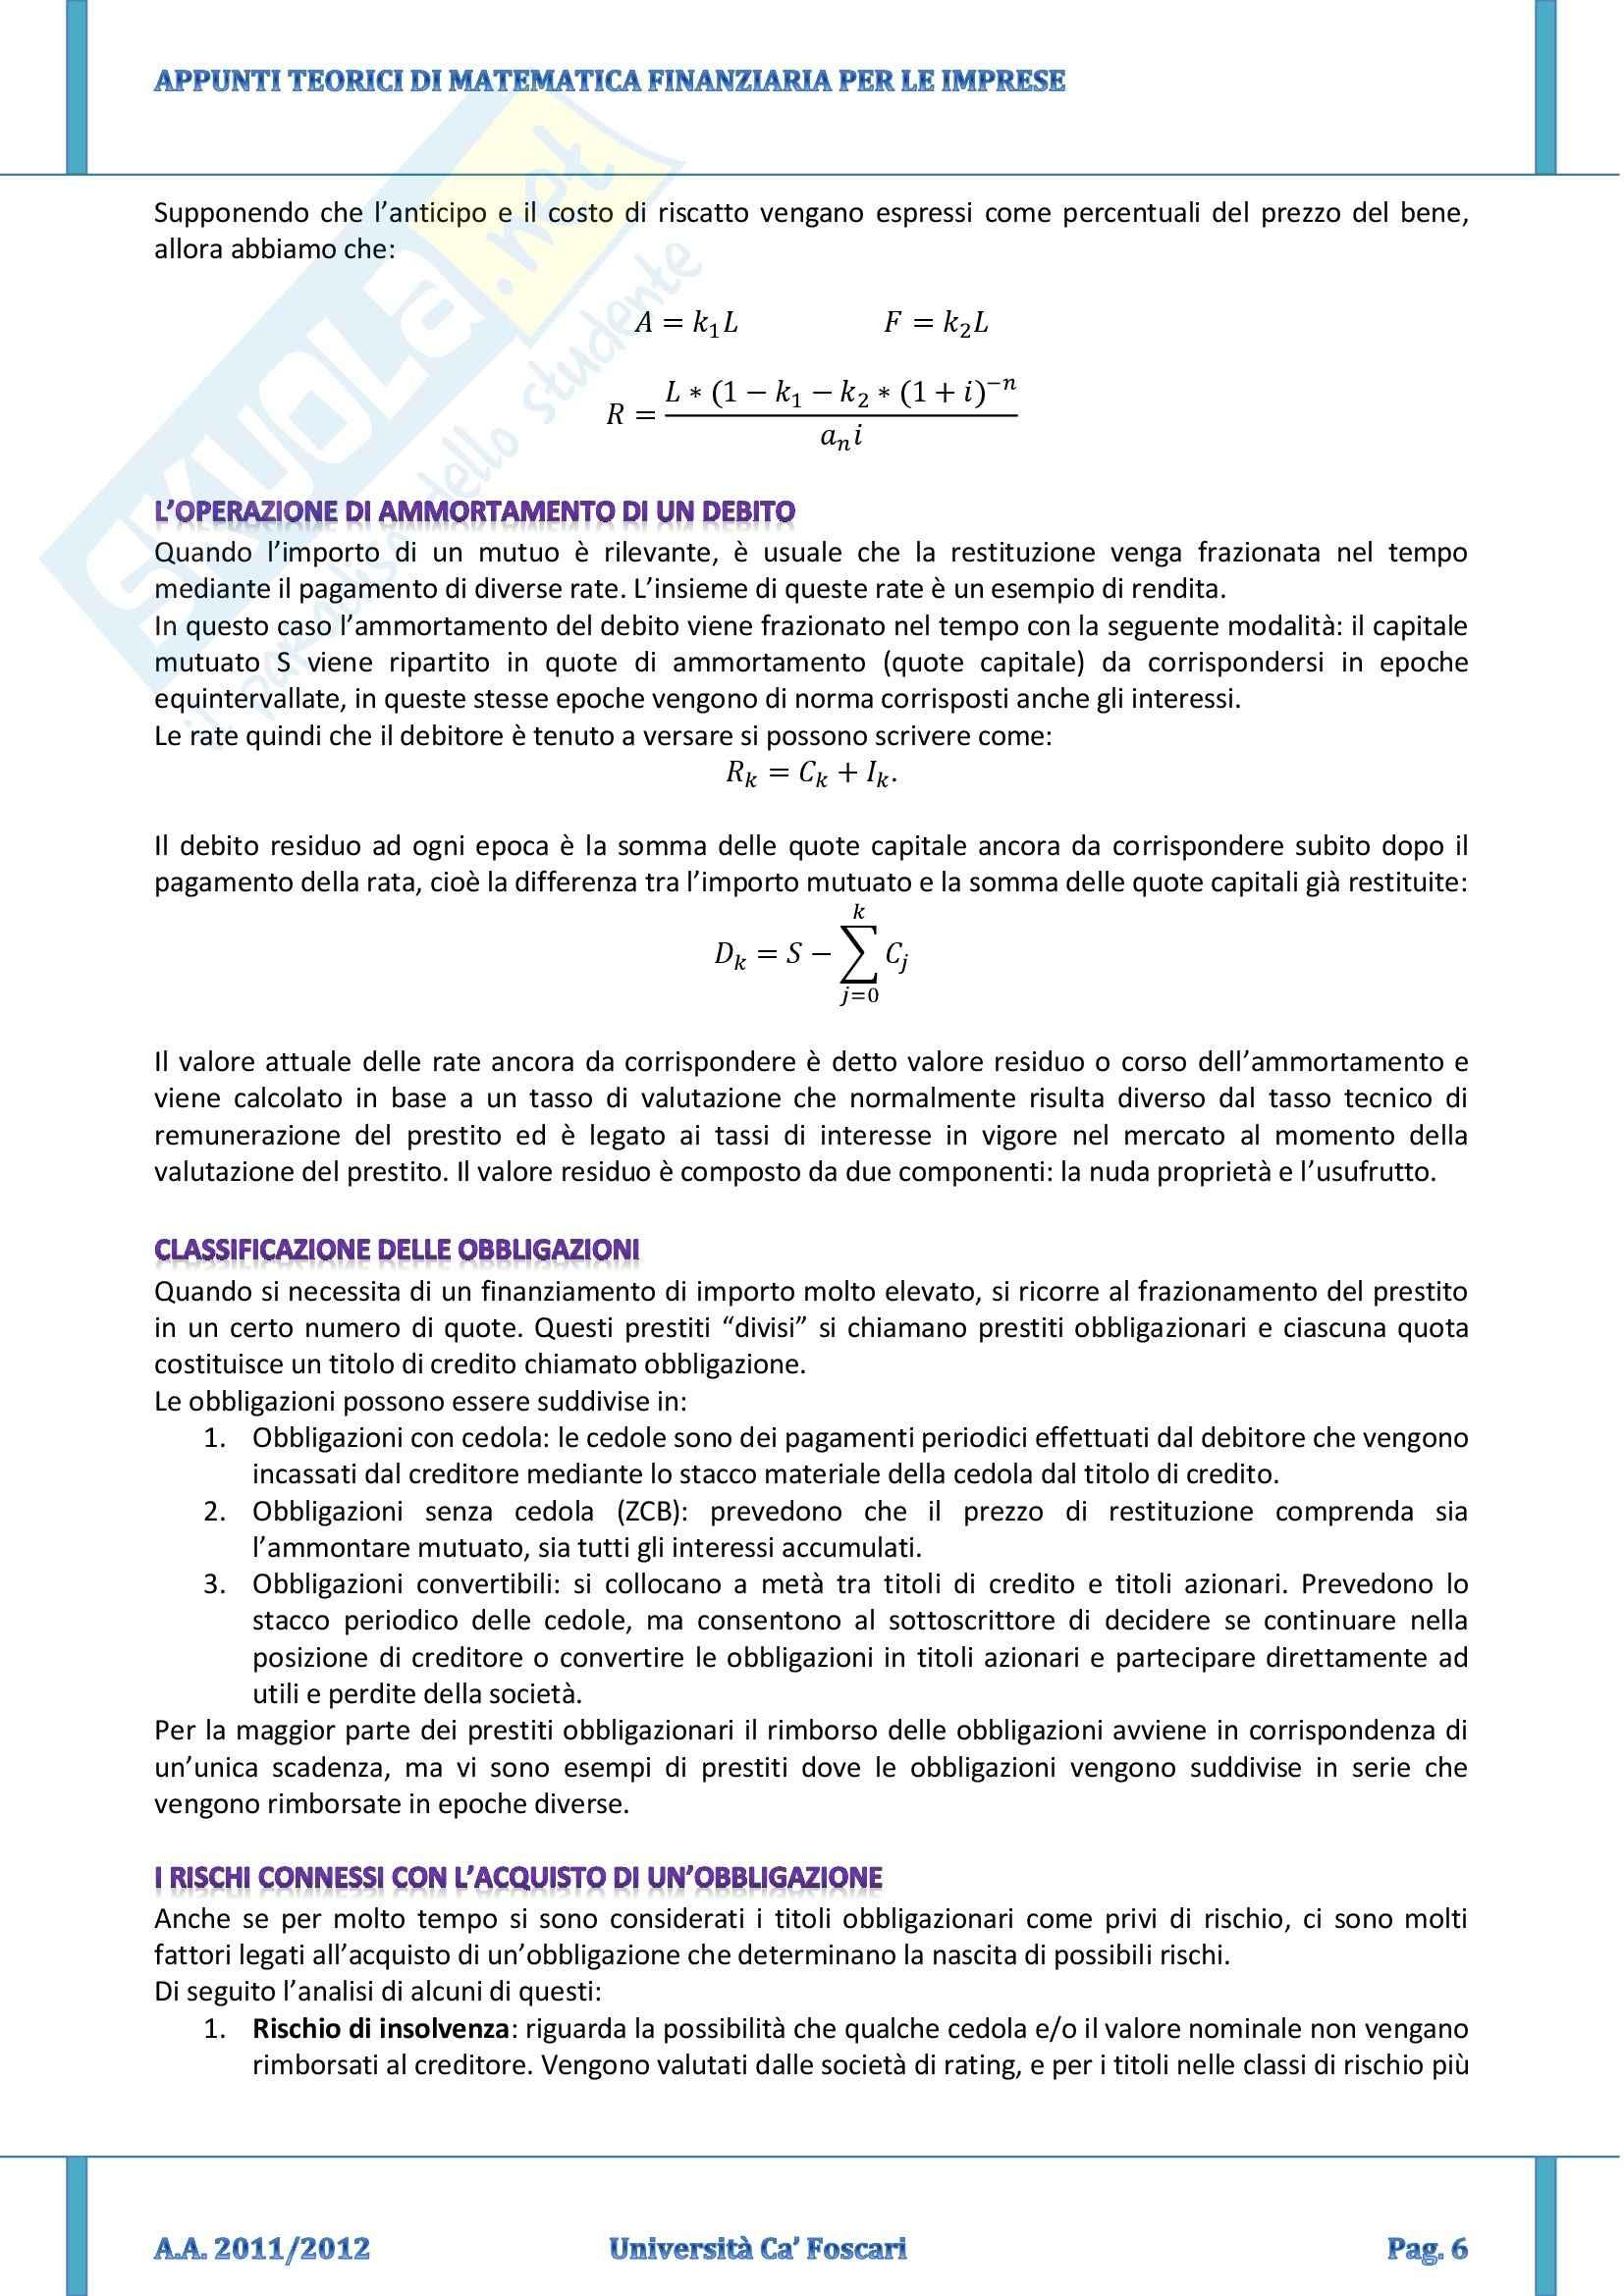 Riassunto esame Matematica Finanziaria per le Imprese, prof. Corazza, libro consigliato Elementi di Matematica Finanziaria, Basso, Pianca Pag. 6